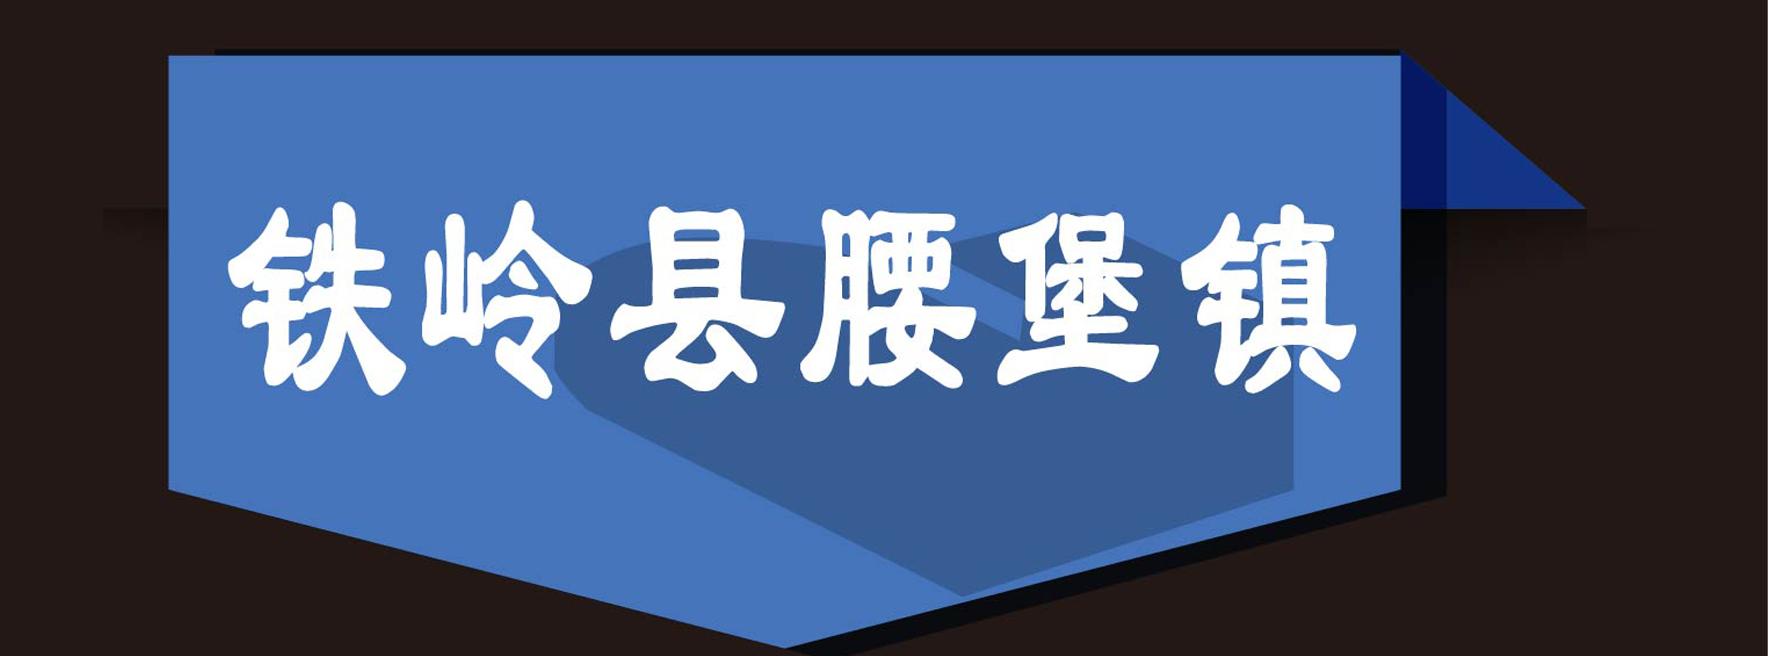 铁岭县腰堡镇小马打井队